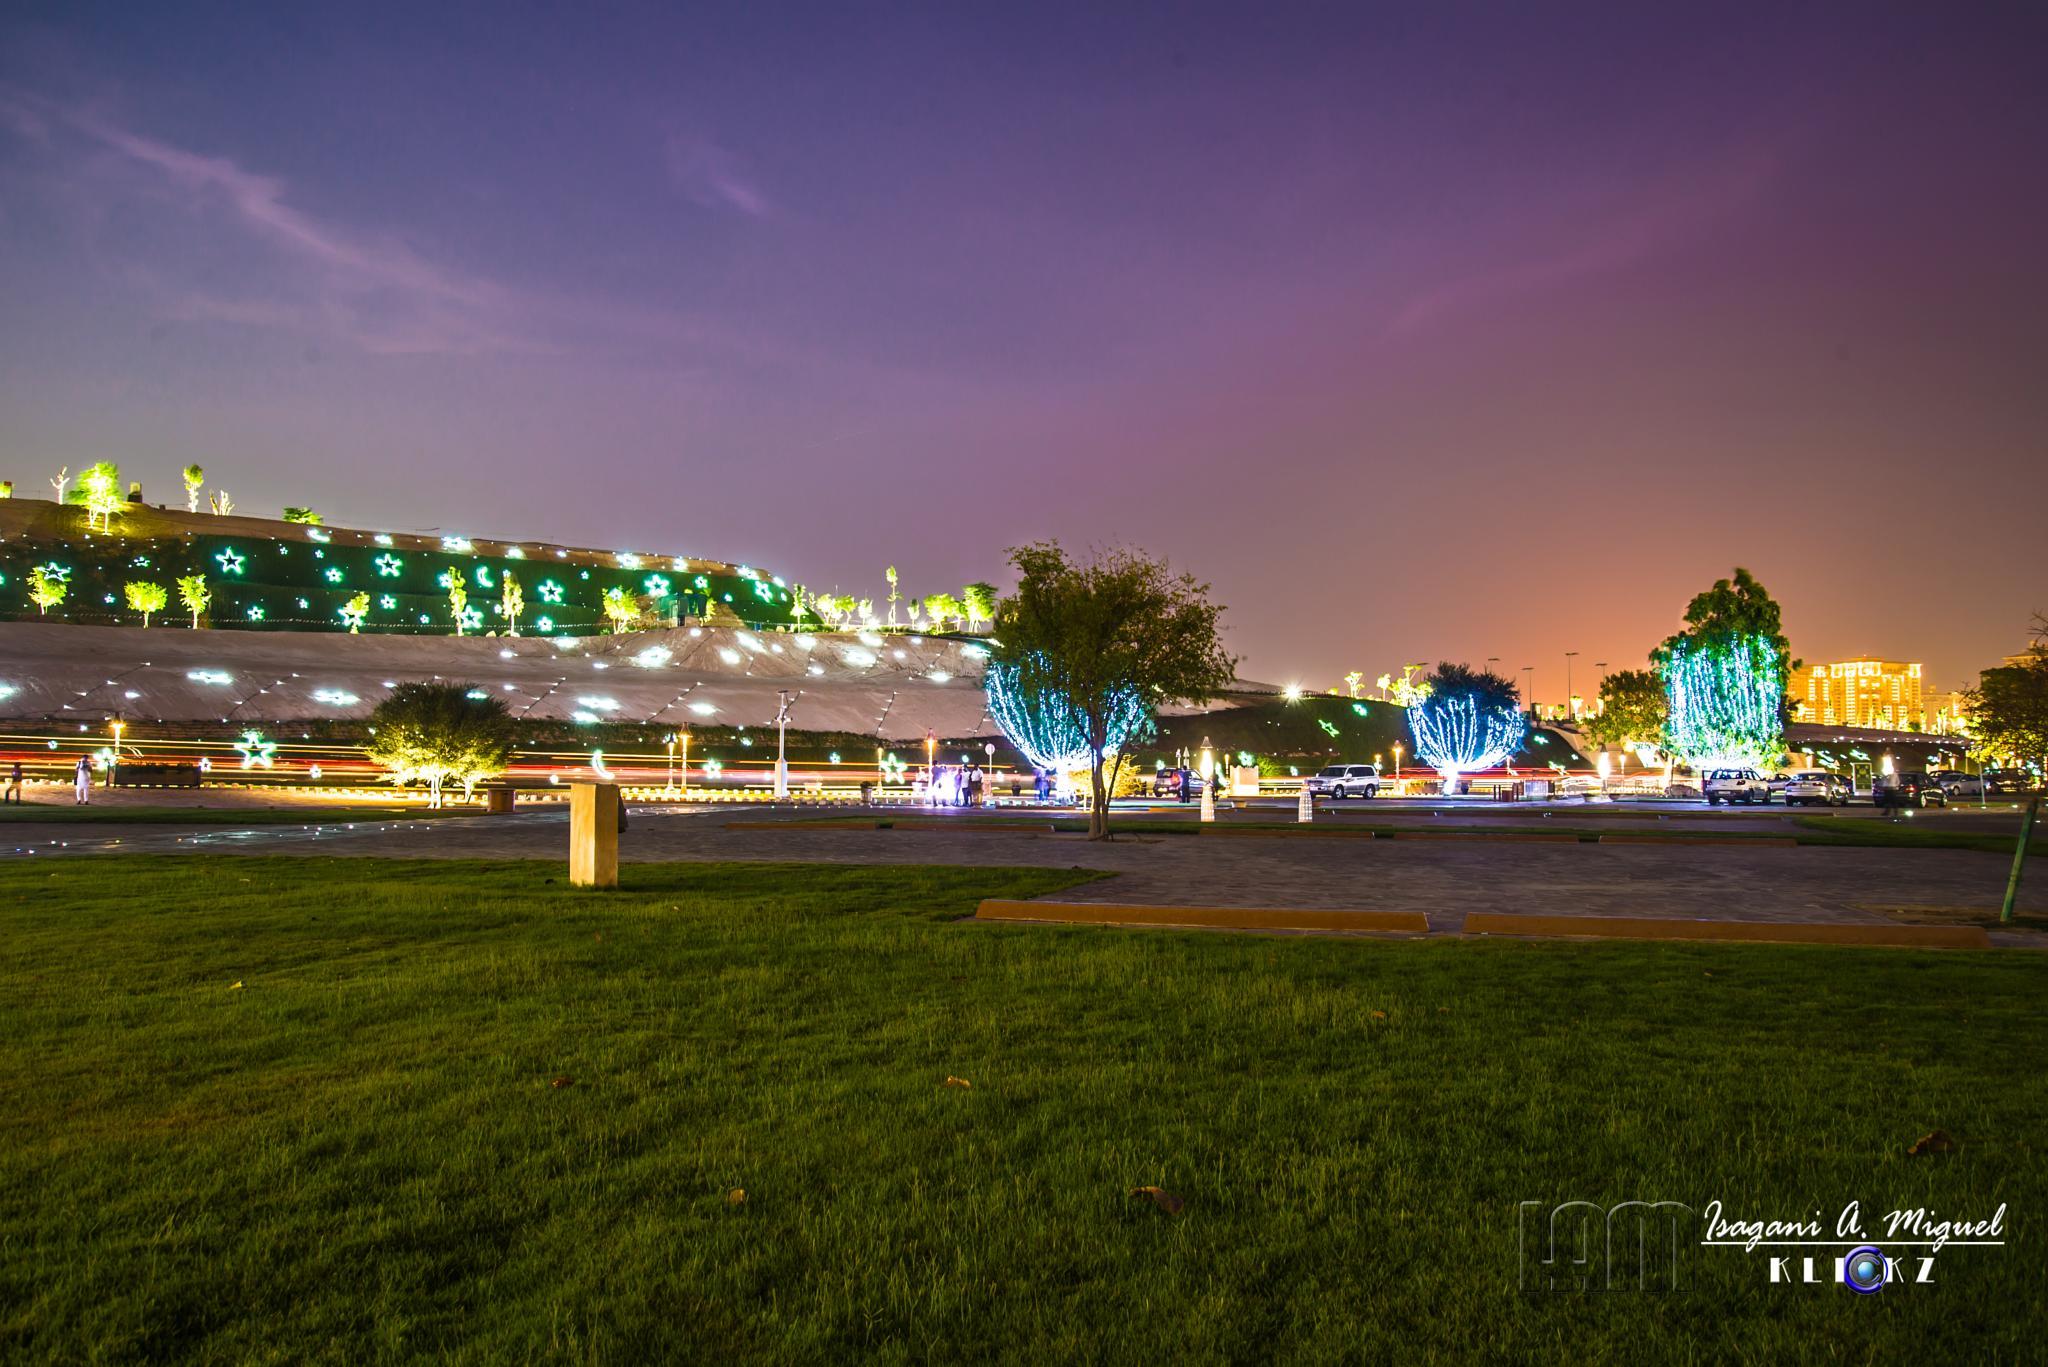 Katara at night by Isagani Miguel